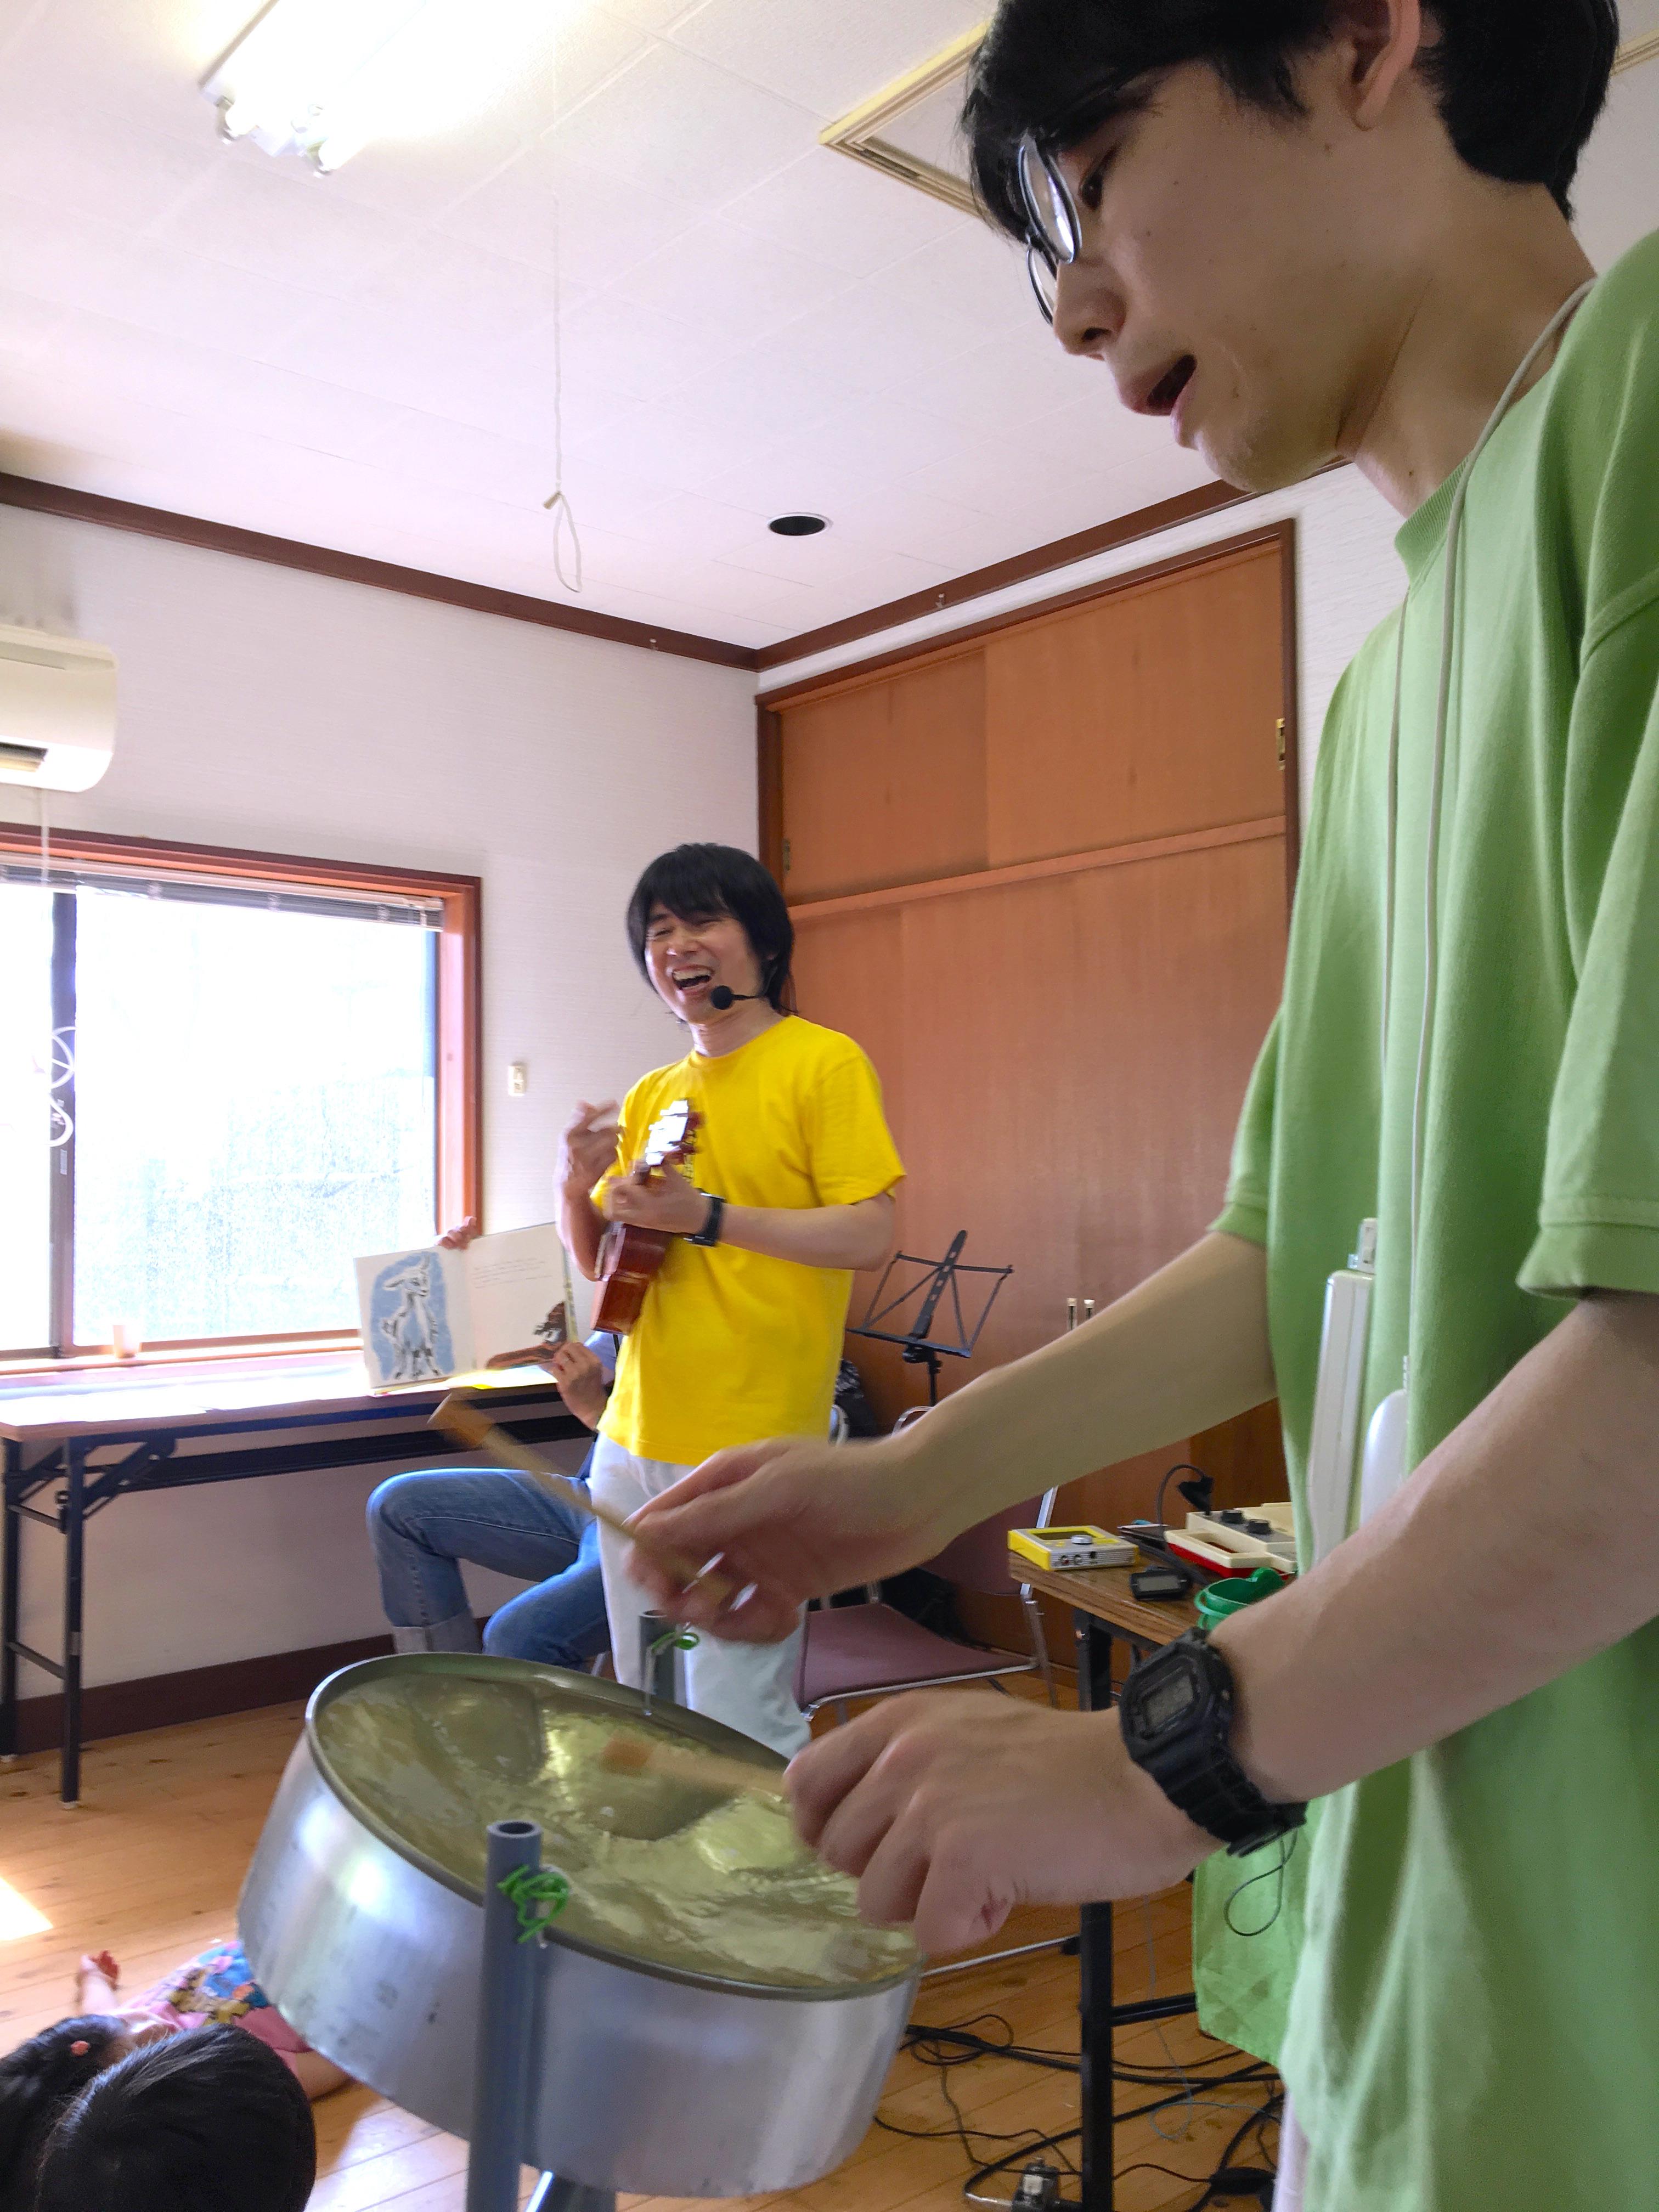 19回連続の晴れ伝説を更新!にしむらなおとさん&DJあっくん絵本ライブ@海山時間2017